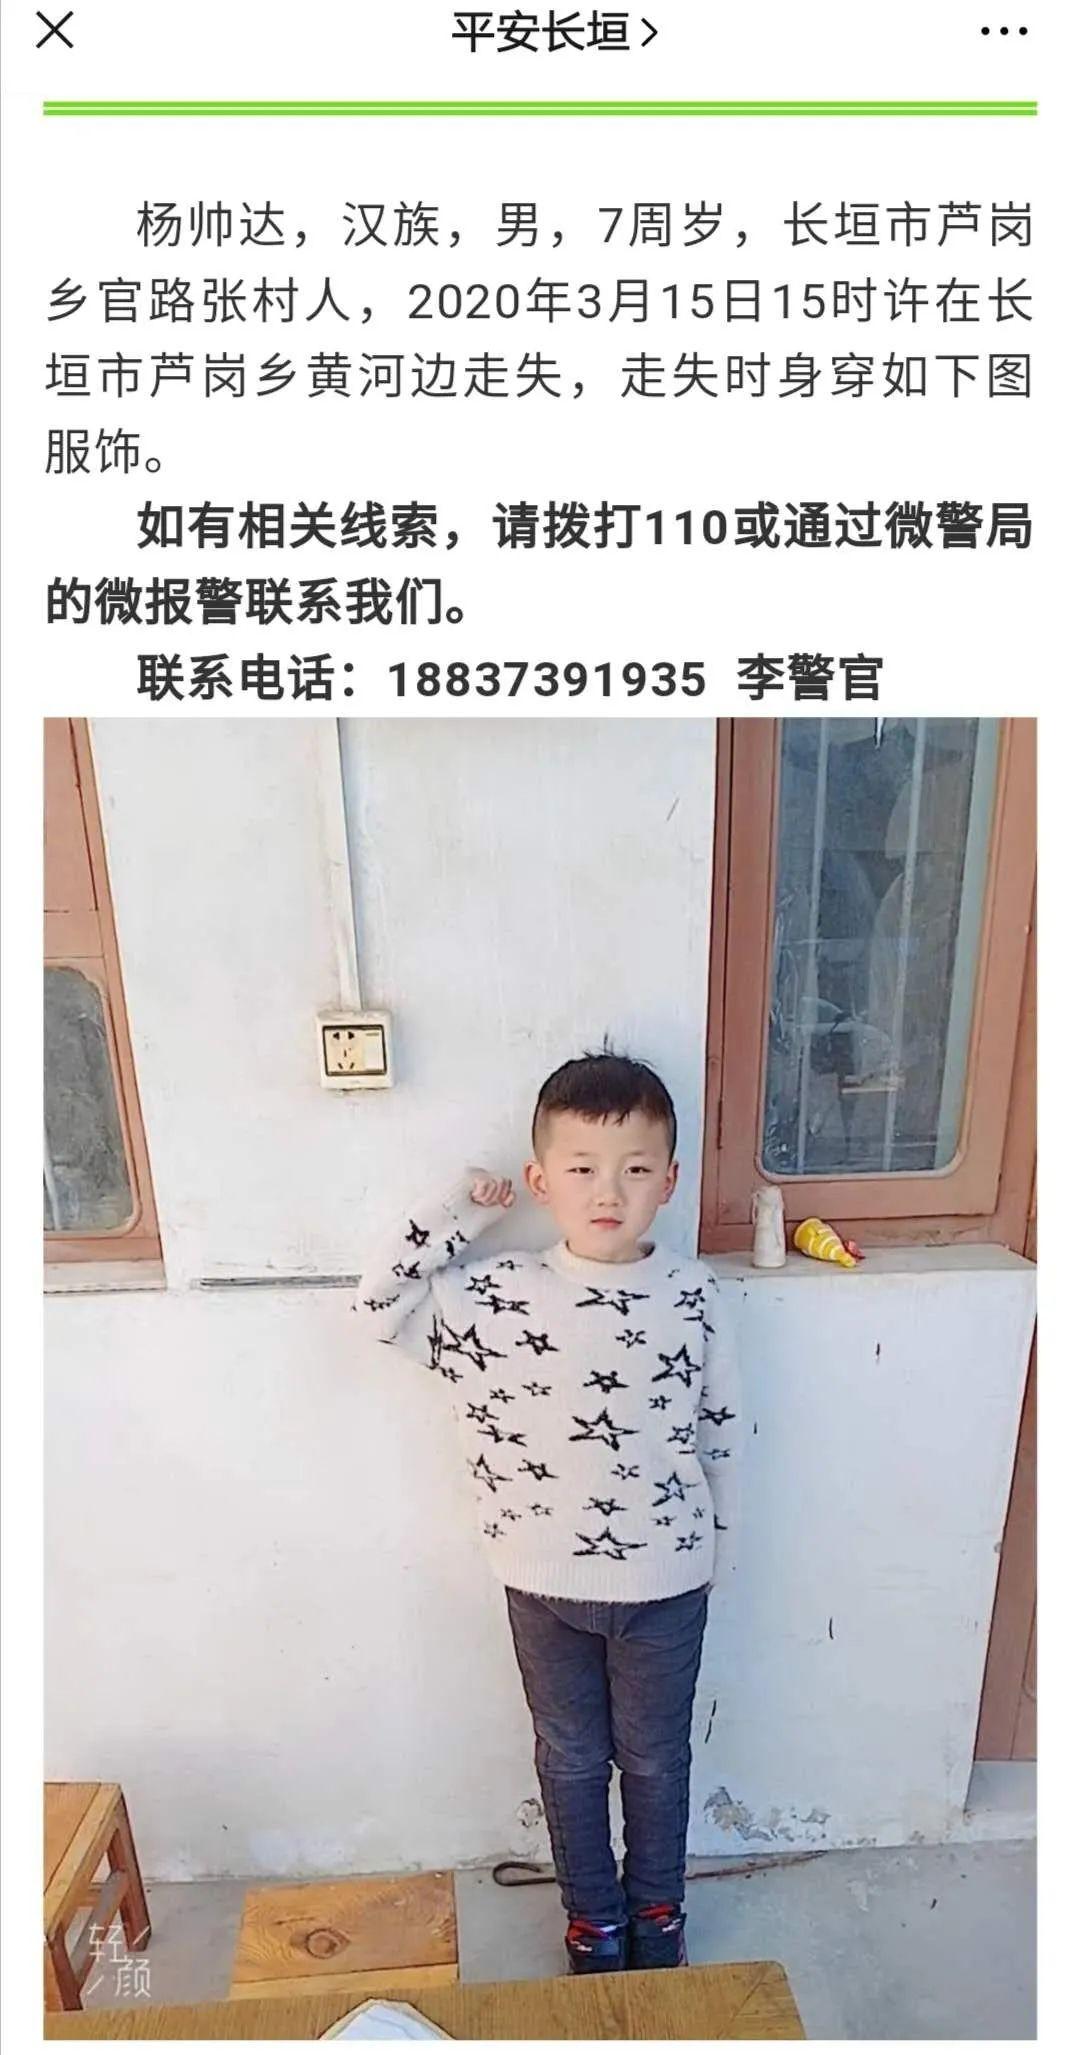 河南长垣7岁男孩黄河边离奇失踪 更多细节披露